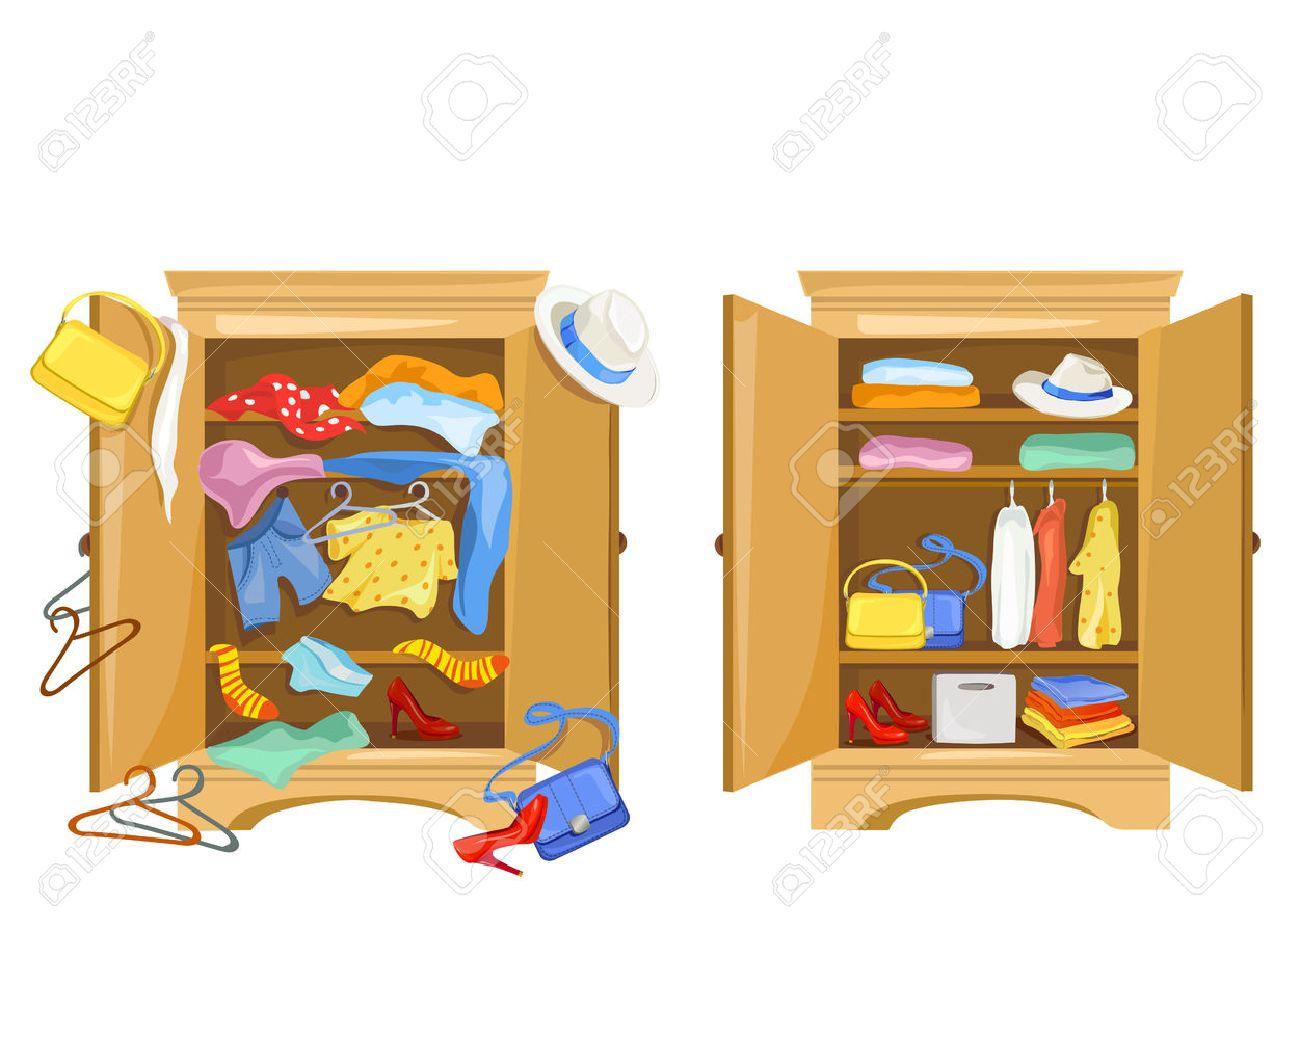 Kleiderschrank clipart  Schränke Mit Kleidung. Im Schrank Ordentlich Und Unordnung. Vektor ...